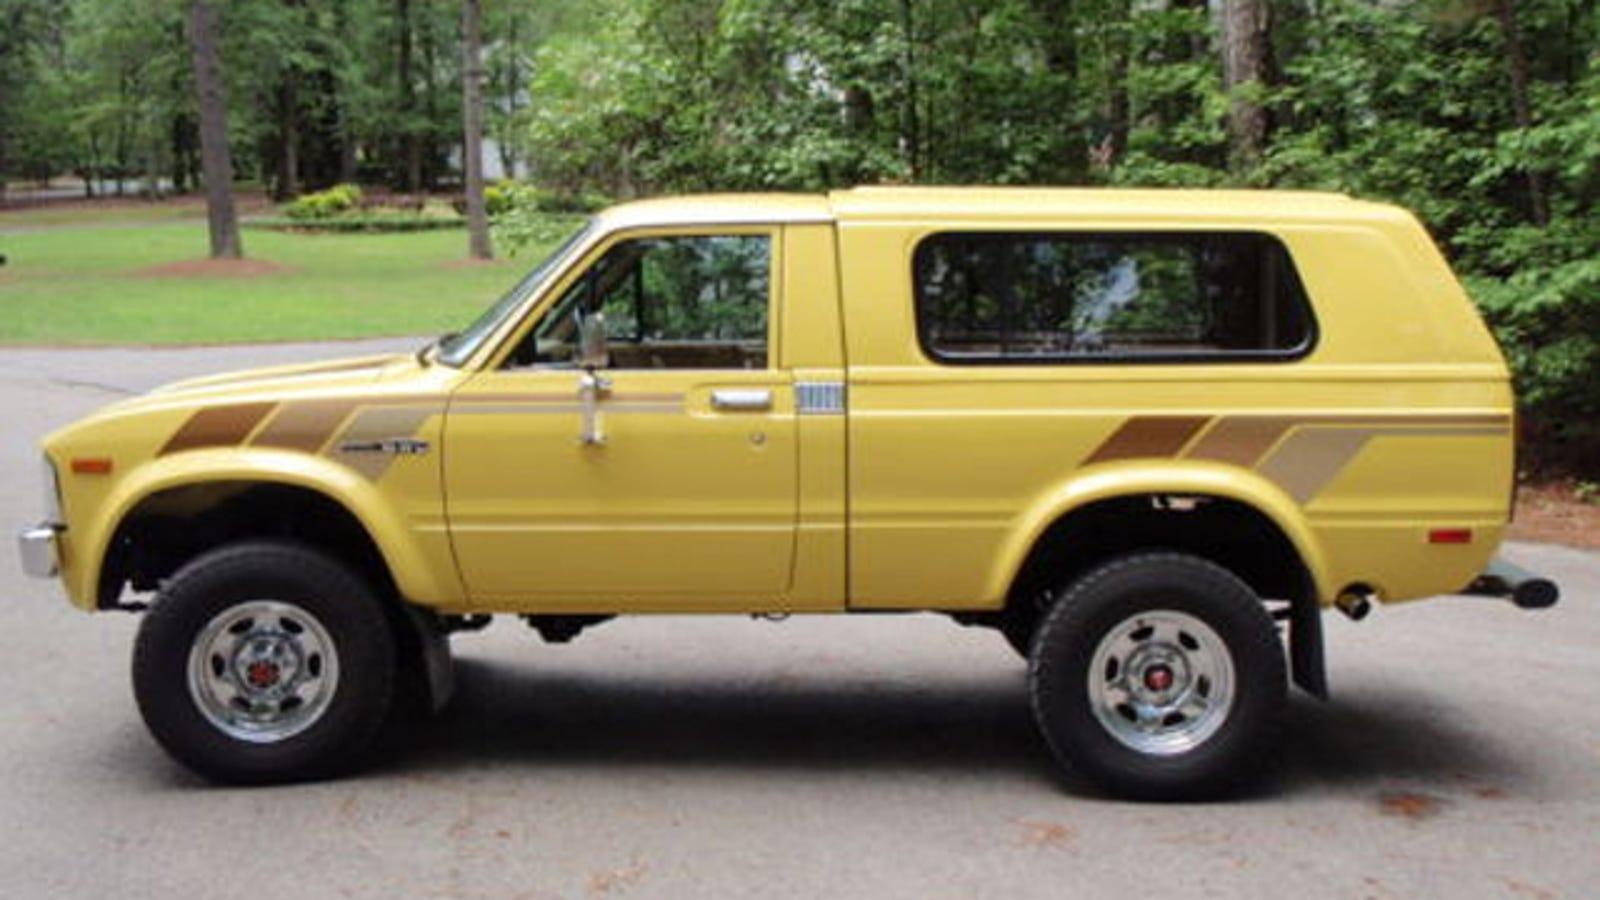 1981 Toyota Trekker Was The Forerunner Of The 4runner